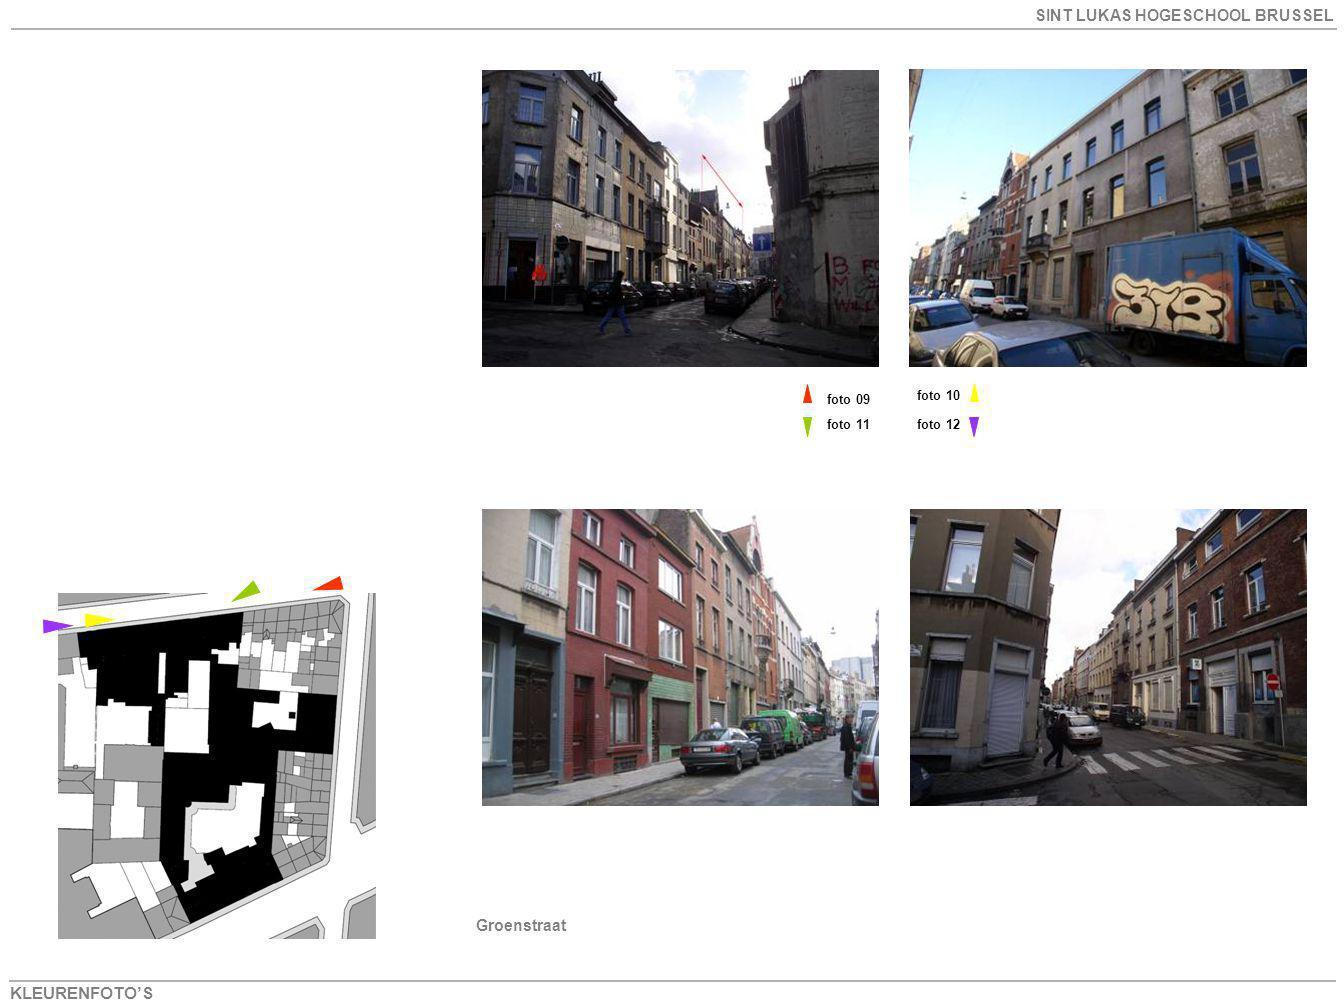 foto 09 foto 10 foto 11 foto 12 Groenstraat KLEURENFOTO'S